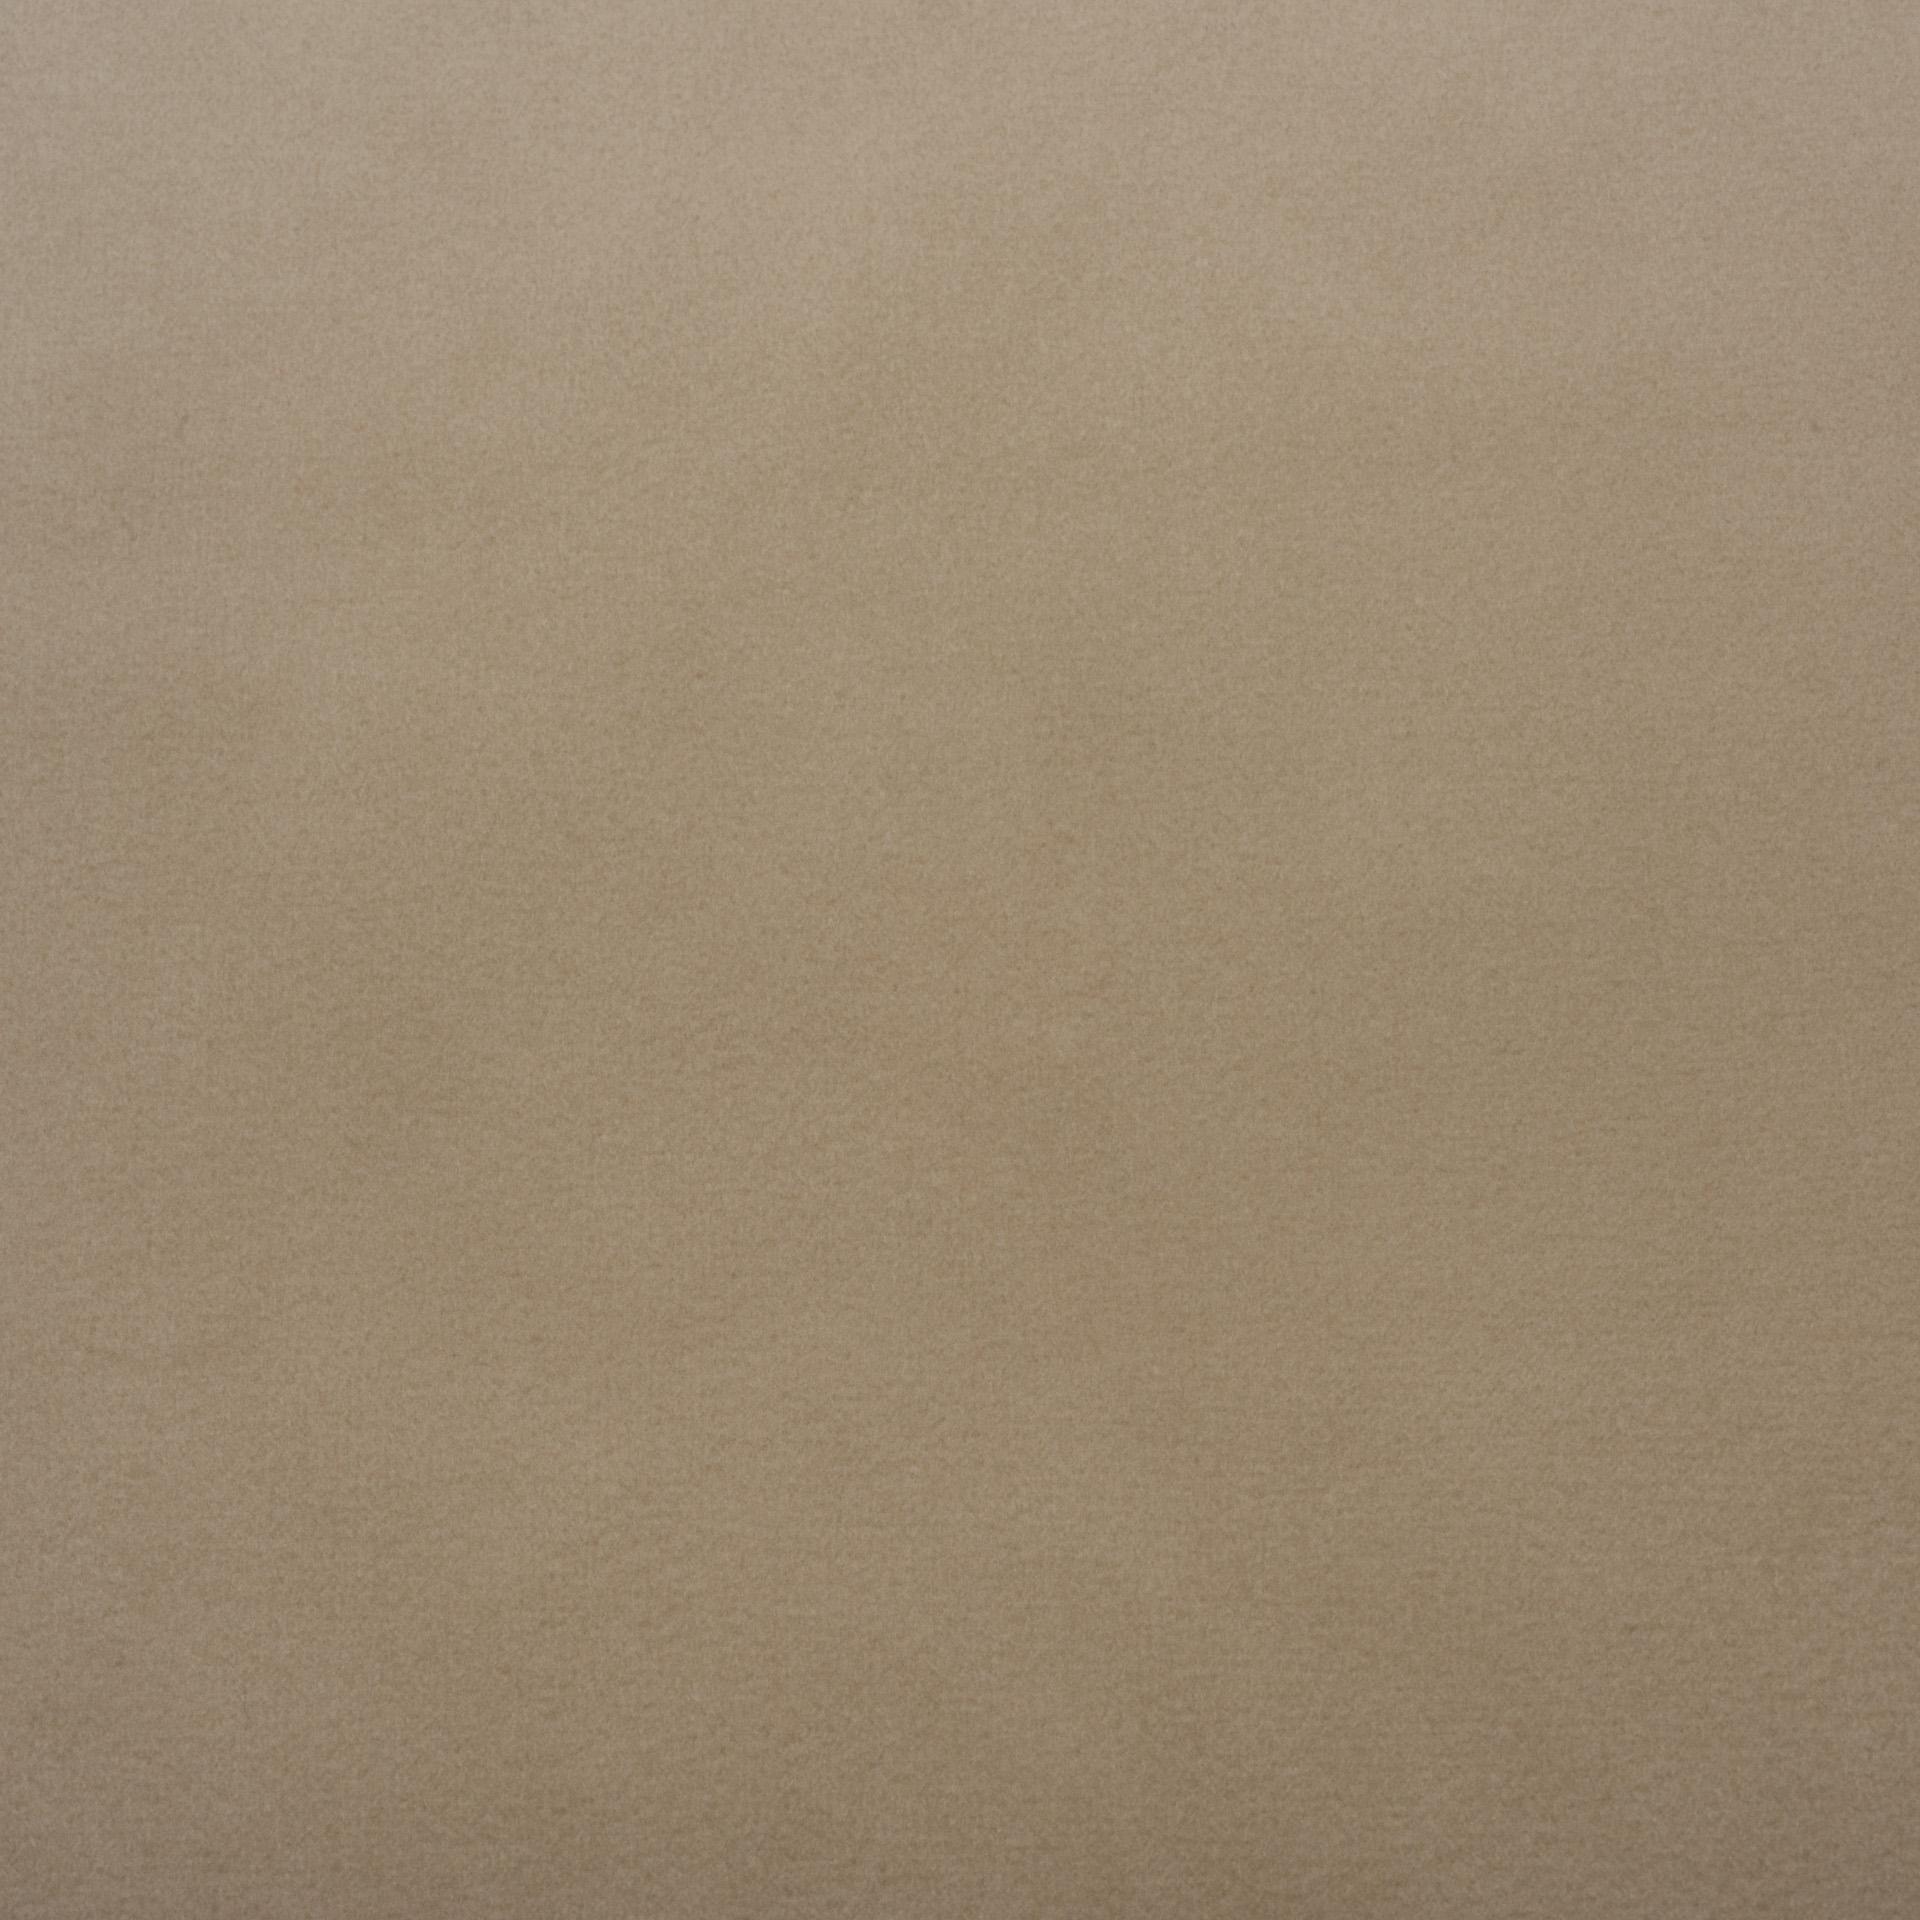 Коллекция ткани Багира 05 SOFT IVORY,  купить ткань Велюр для мебели Украина